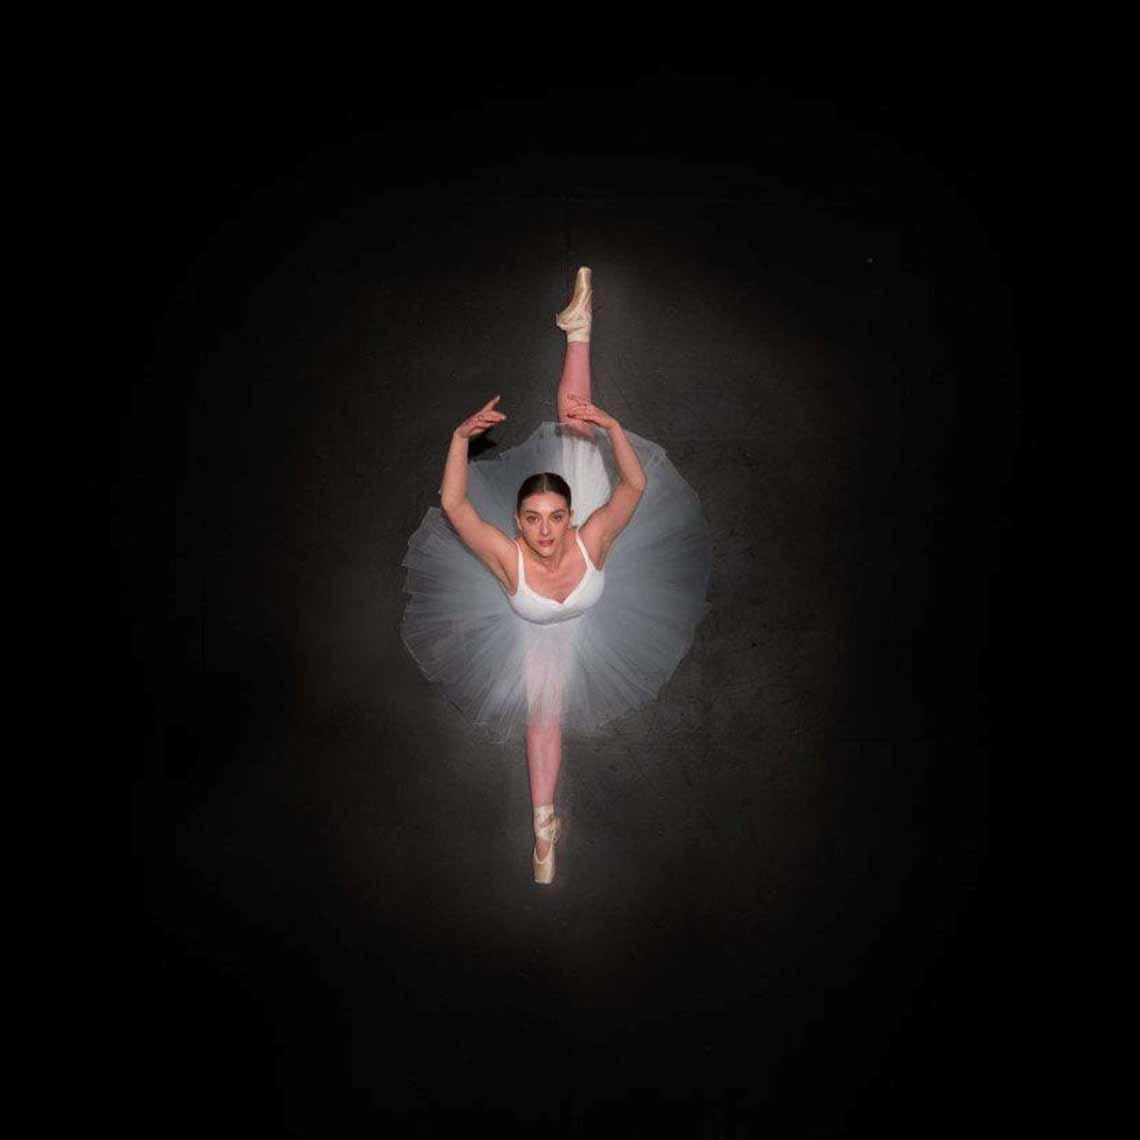 Vẻ đẹp của vũ công múa ballet qua góc chụp từ trên cao -7